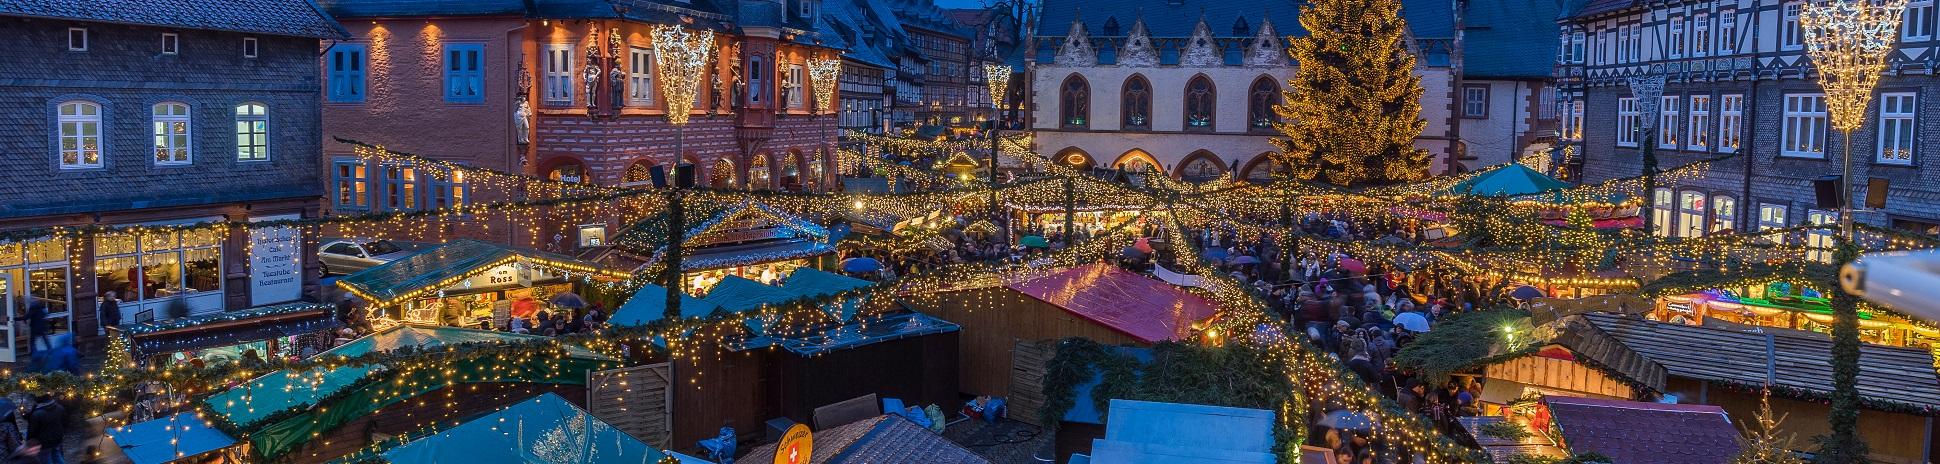 Weihnachtsmärkte weltweit Emotion